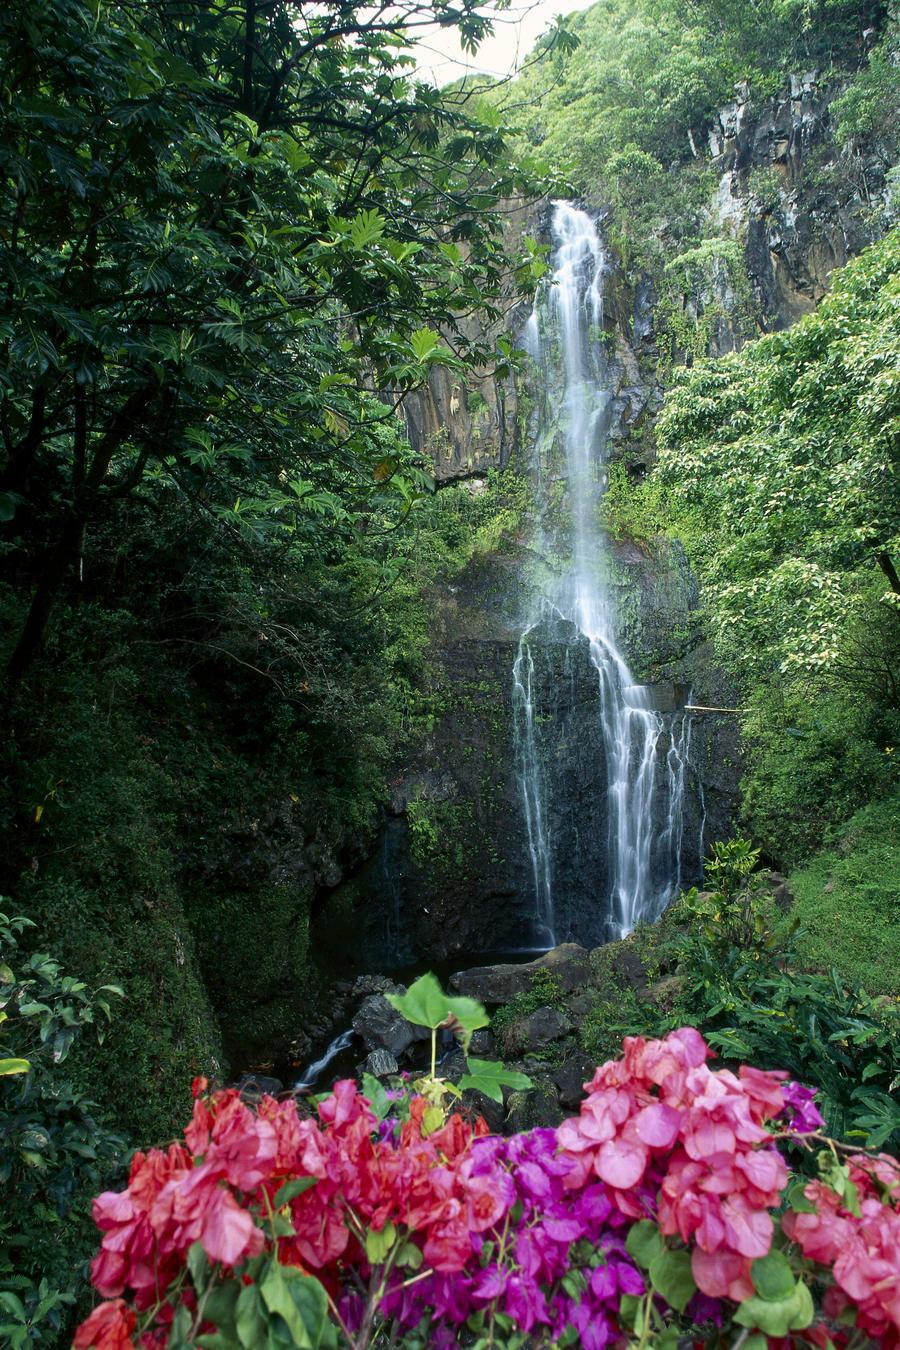 Hawaii Maui Wailua Waterfall And Rainforest